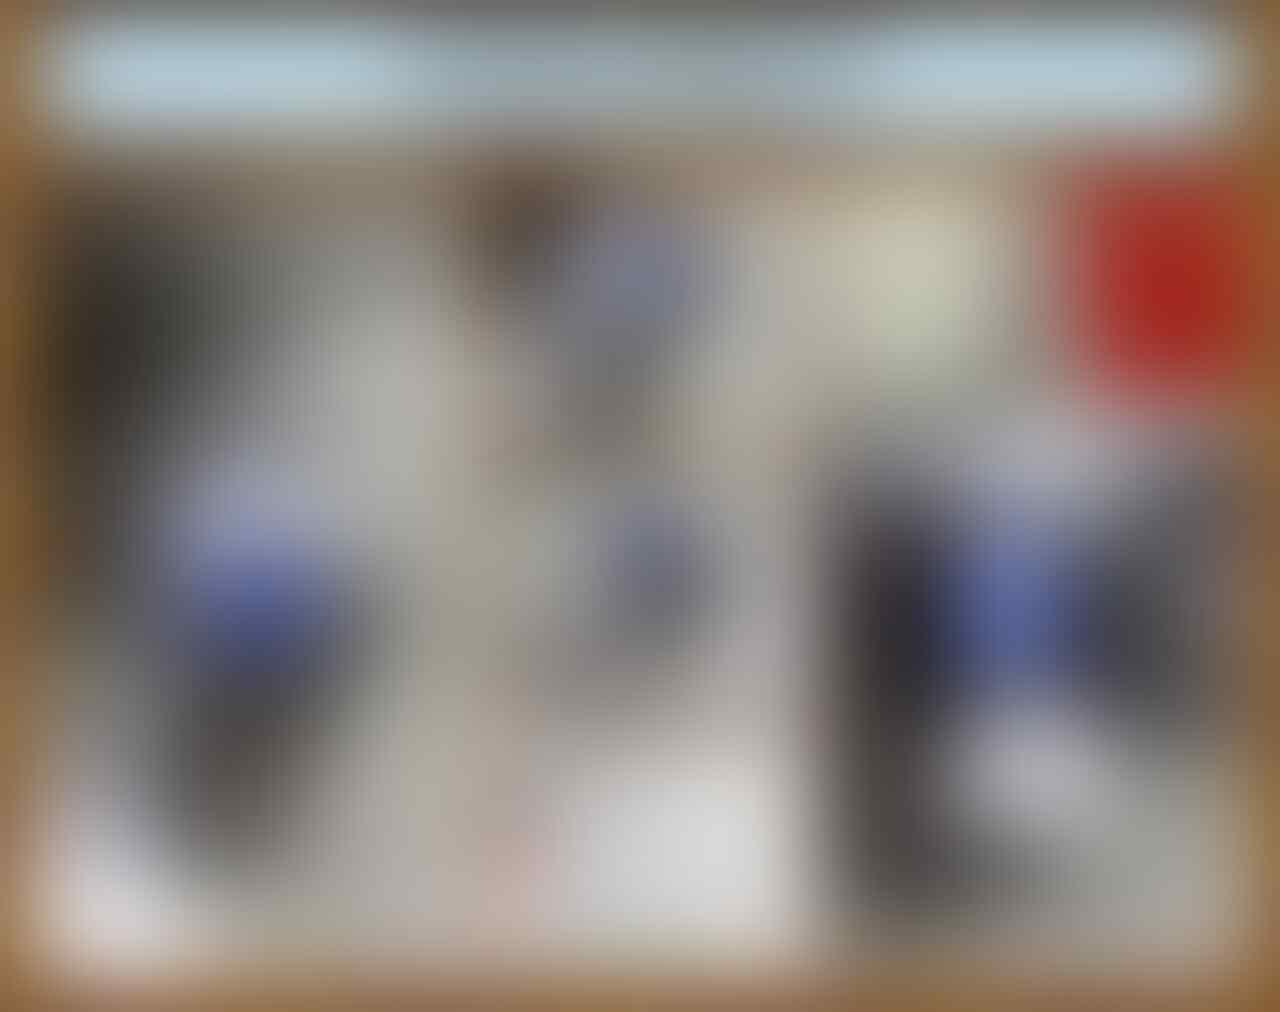 LELANG BATU HARI BURUH SAFIR, PIRUS, MYSTIQ, TOPAS END JUMAT 01-05-2015 22.15 WIB